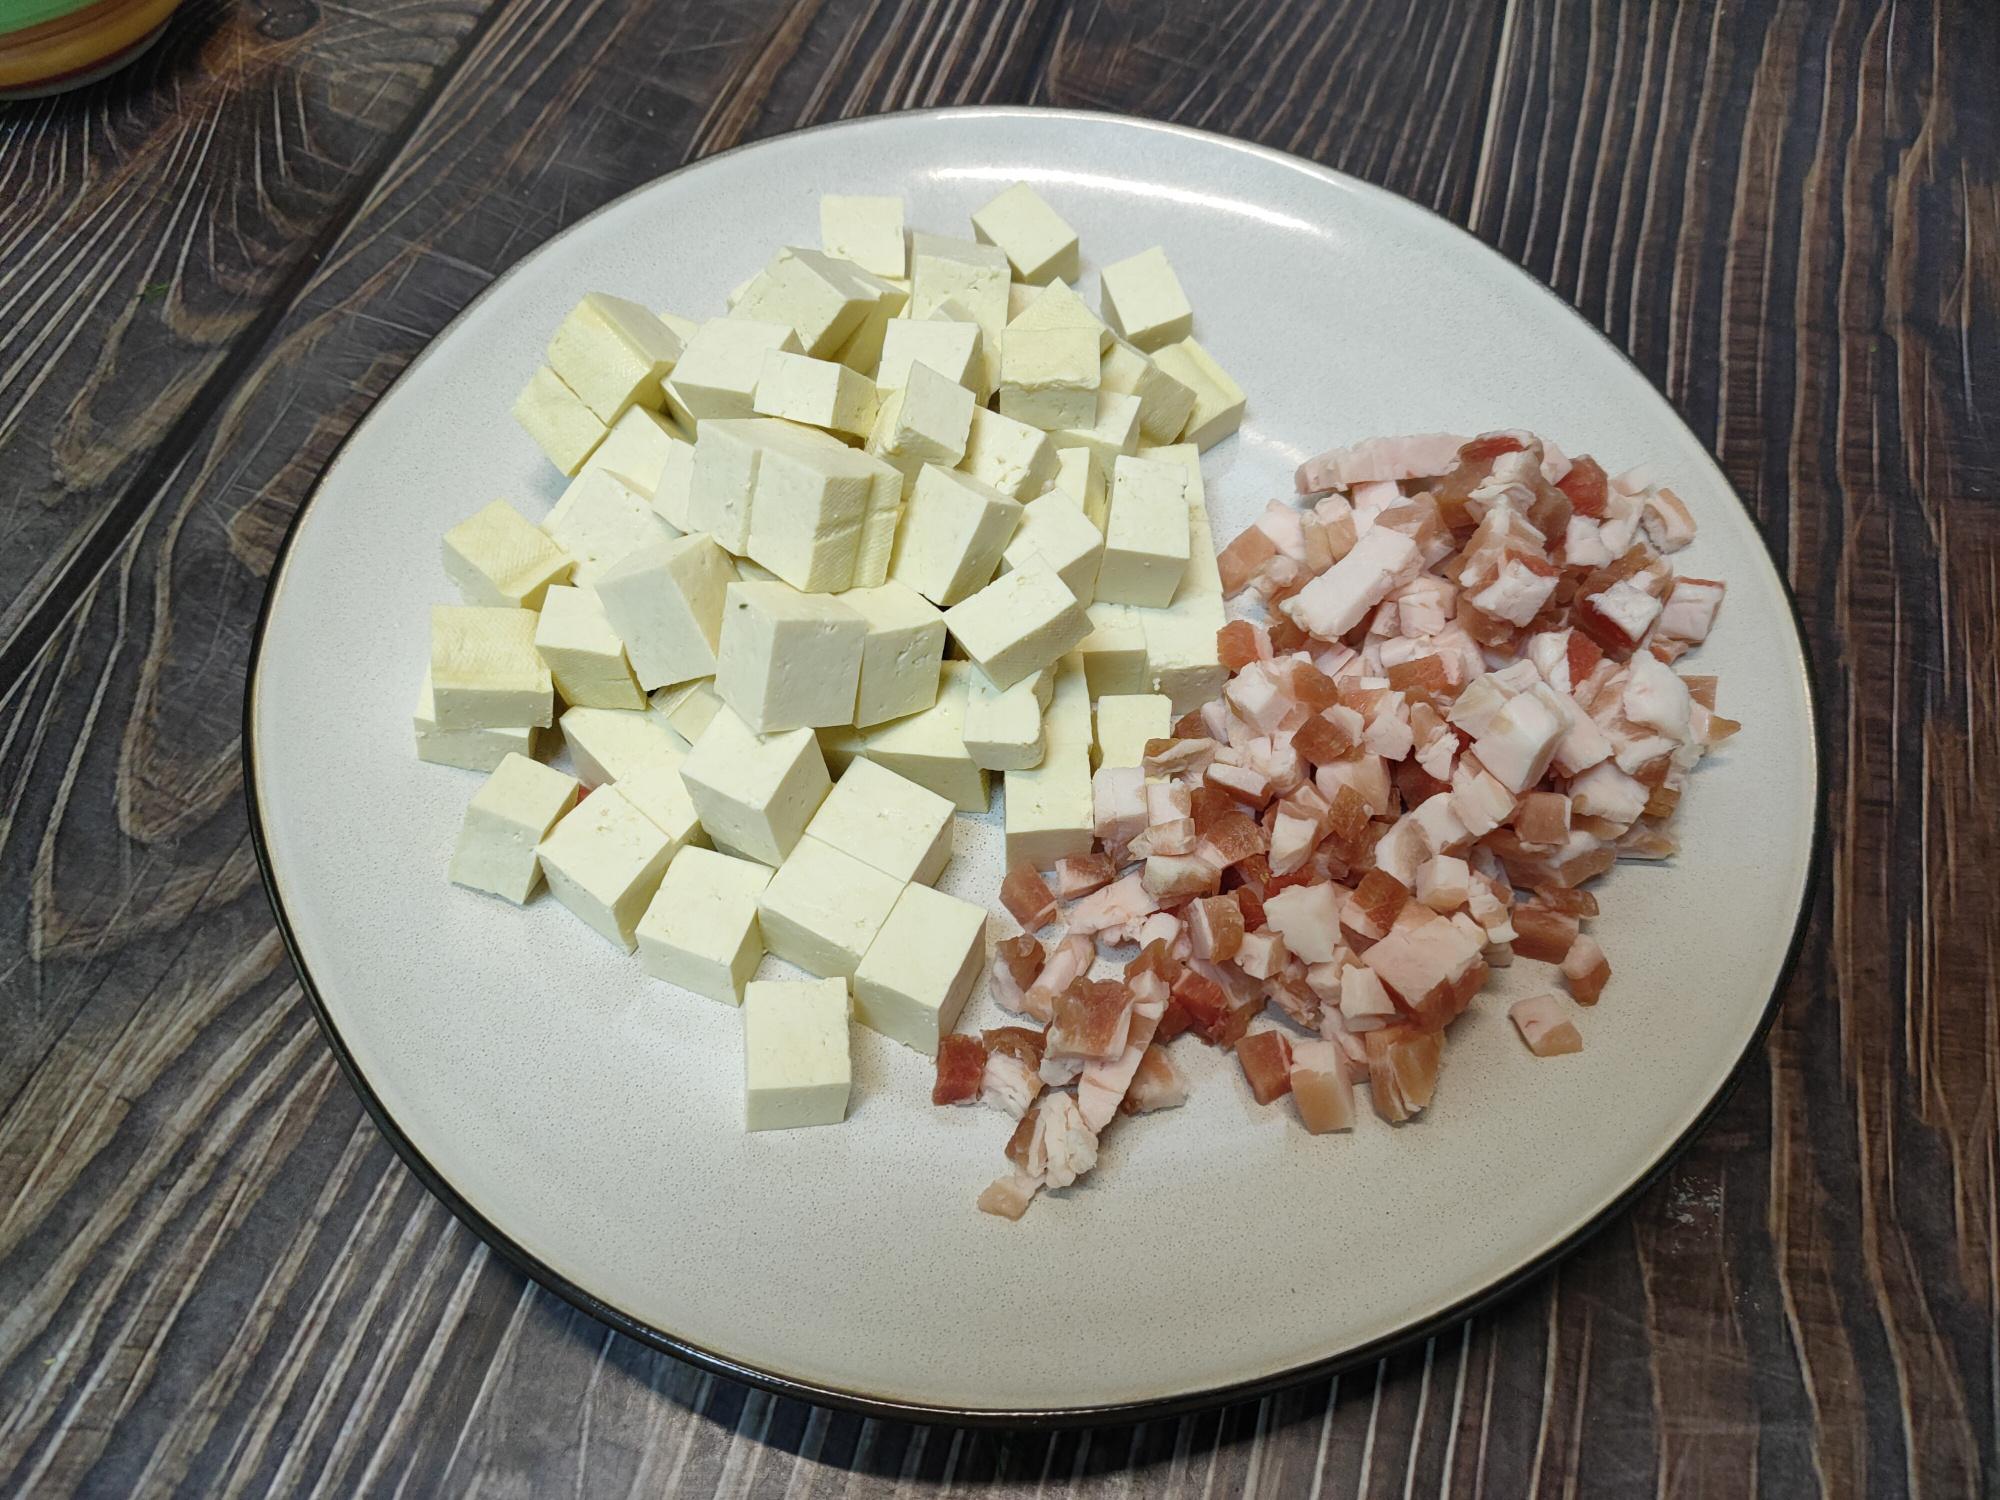 我家吃包子就馋这个馅,蛋白质比鸡胸肉还高,才2元一斤,真好吃 美食做法 第5张